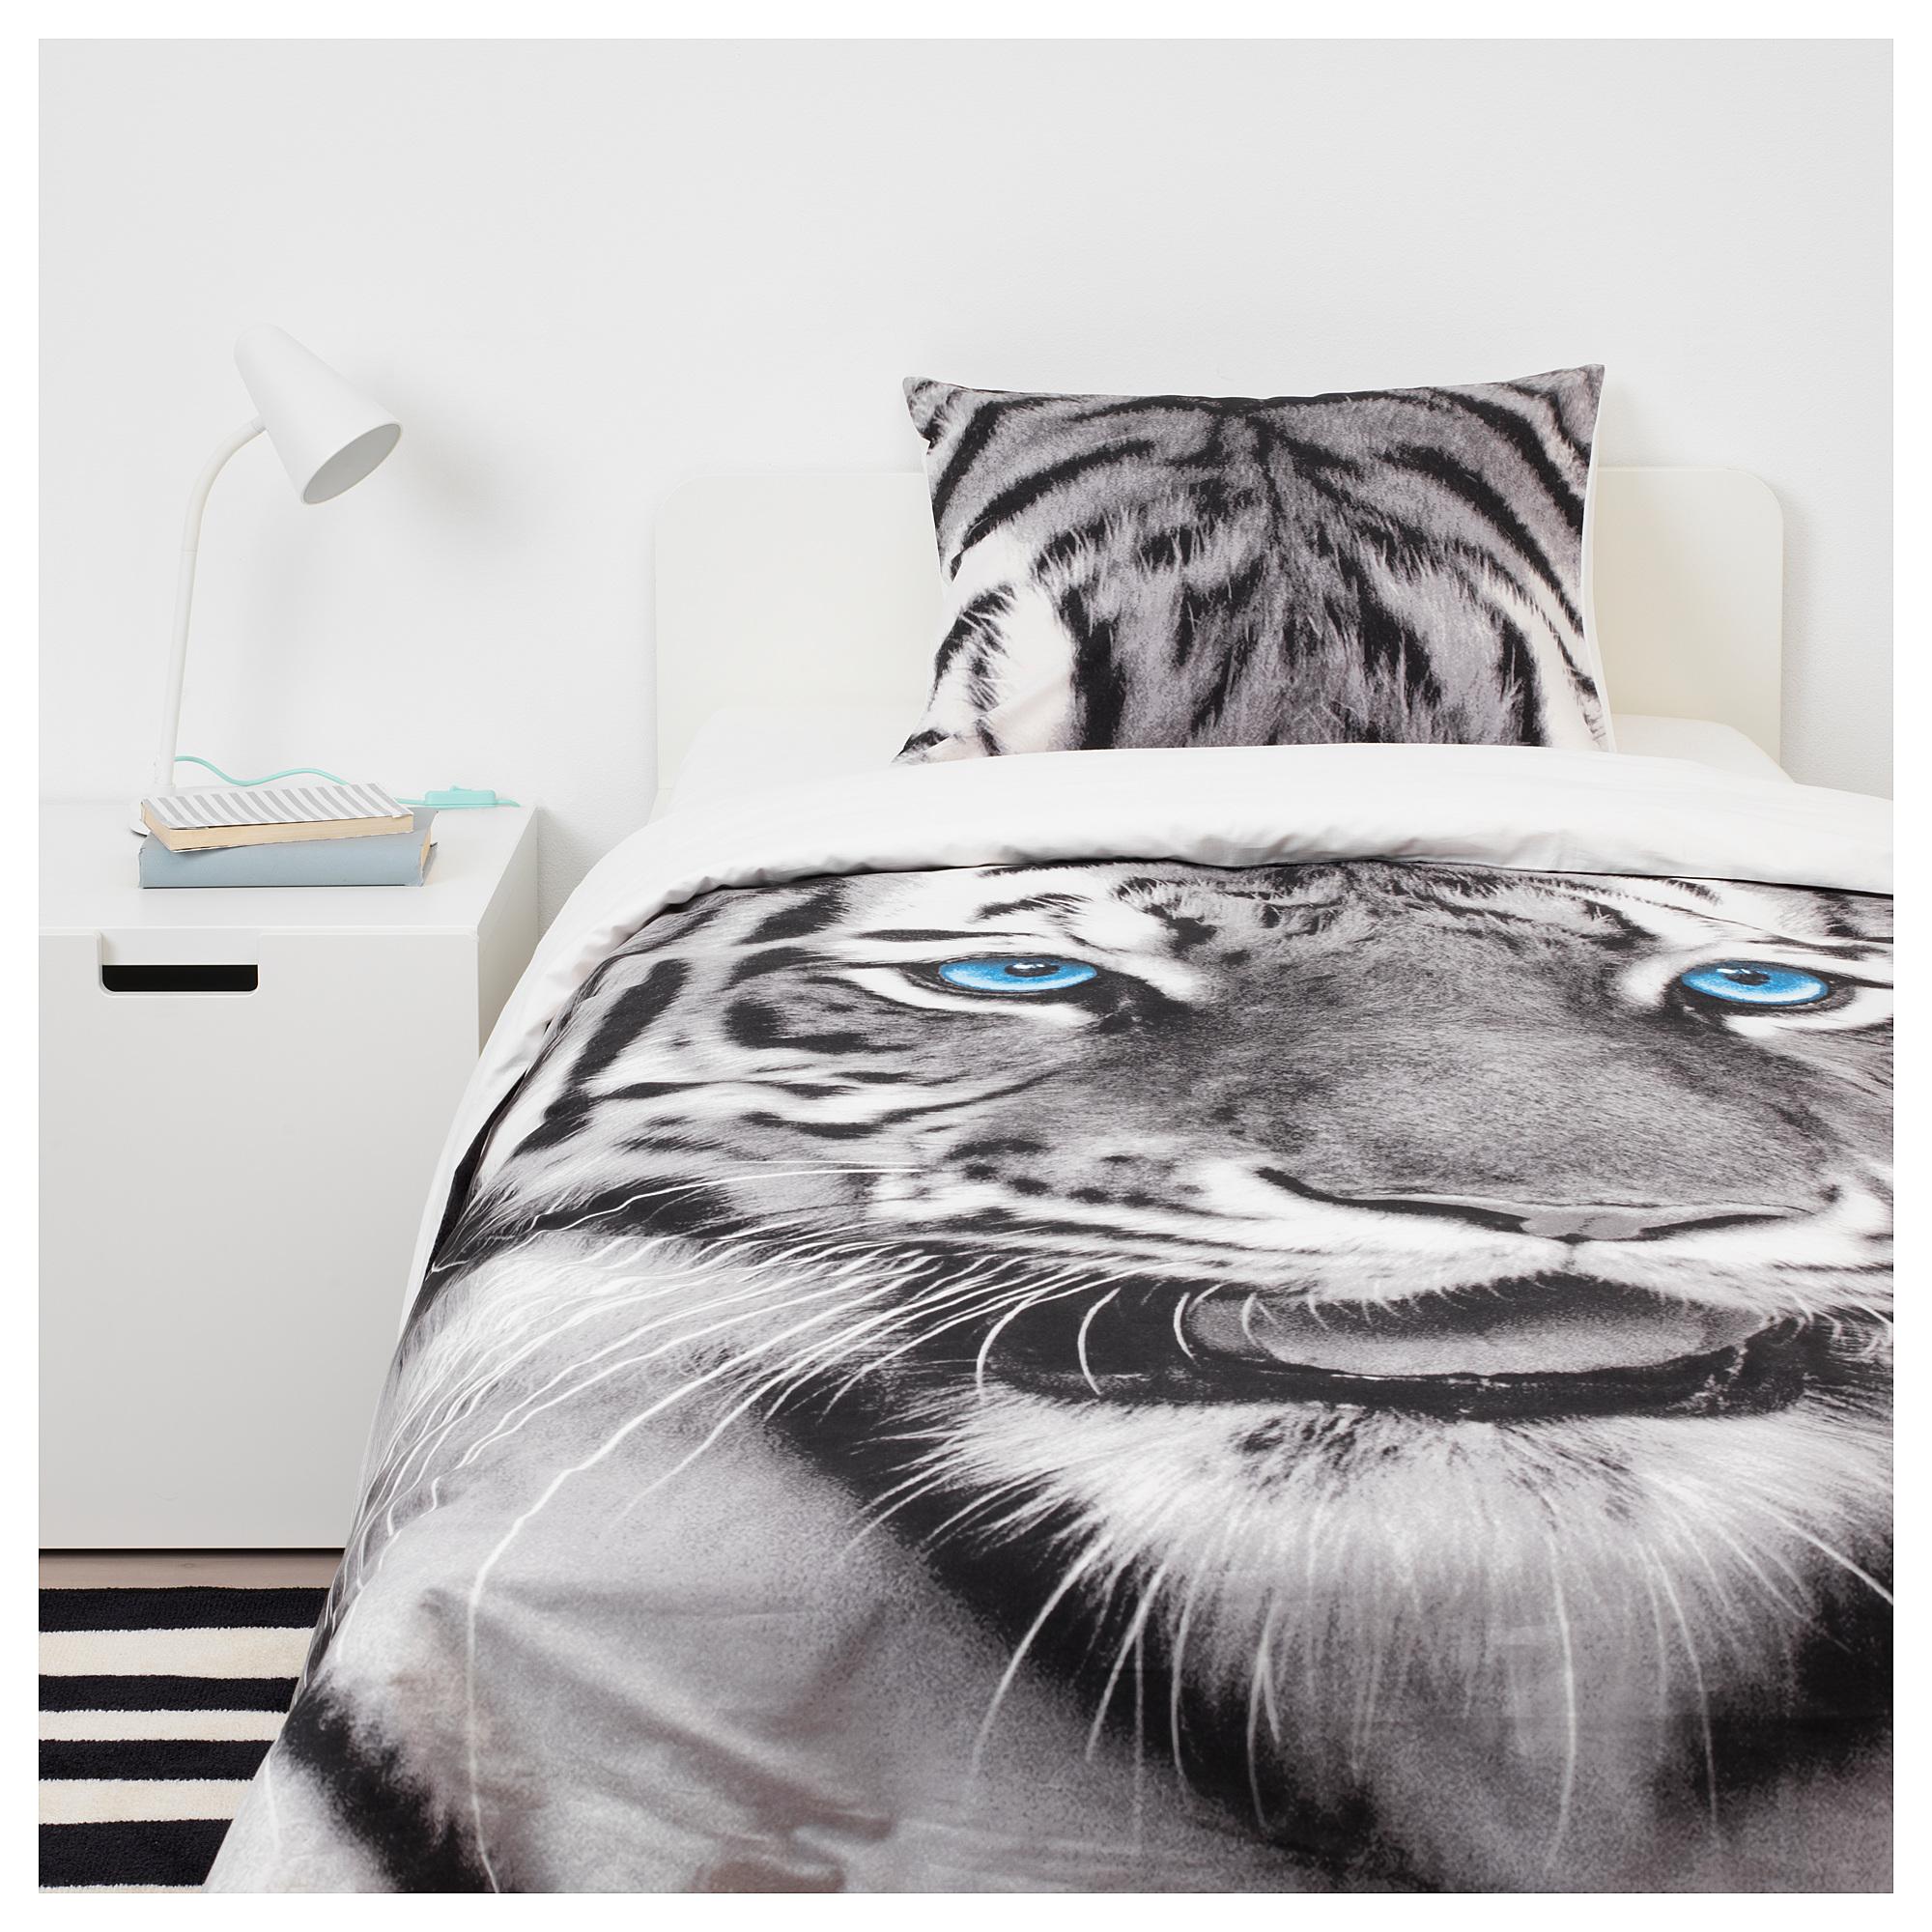 IKEA URSKOG Duvet cover and pillowcase s tiger gray